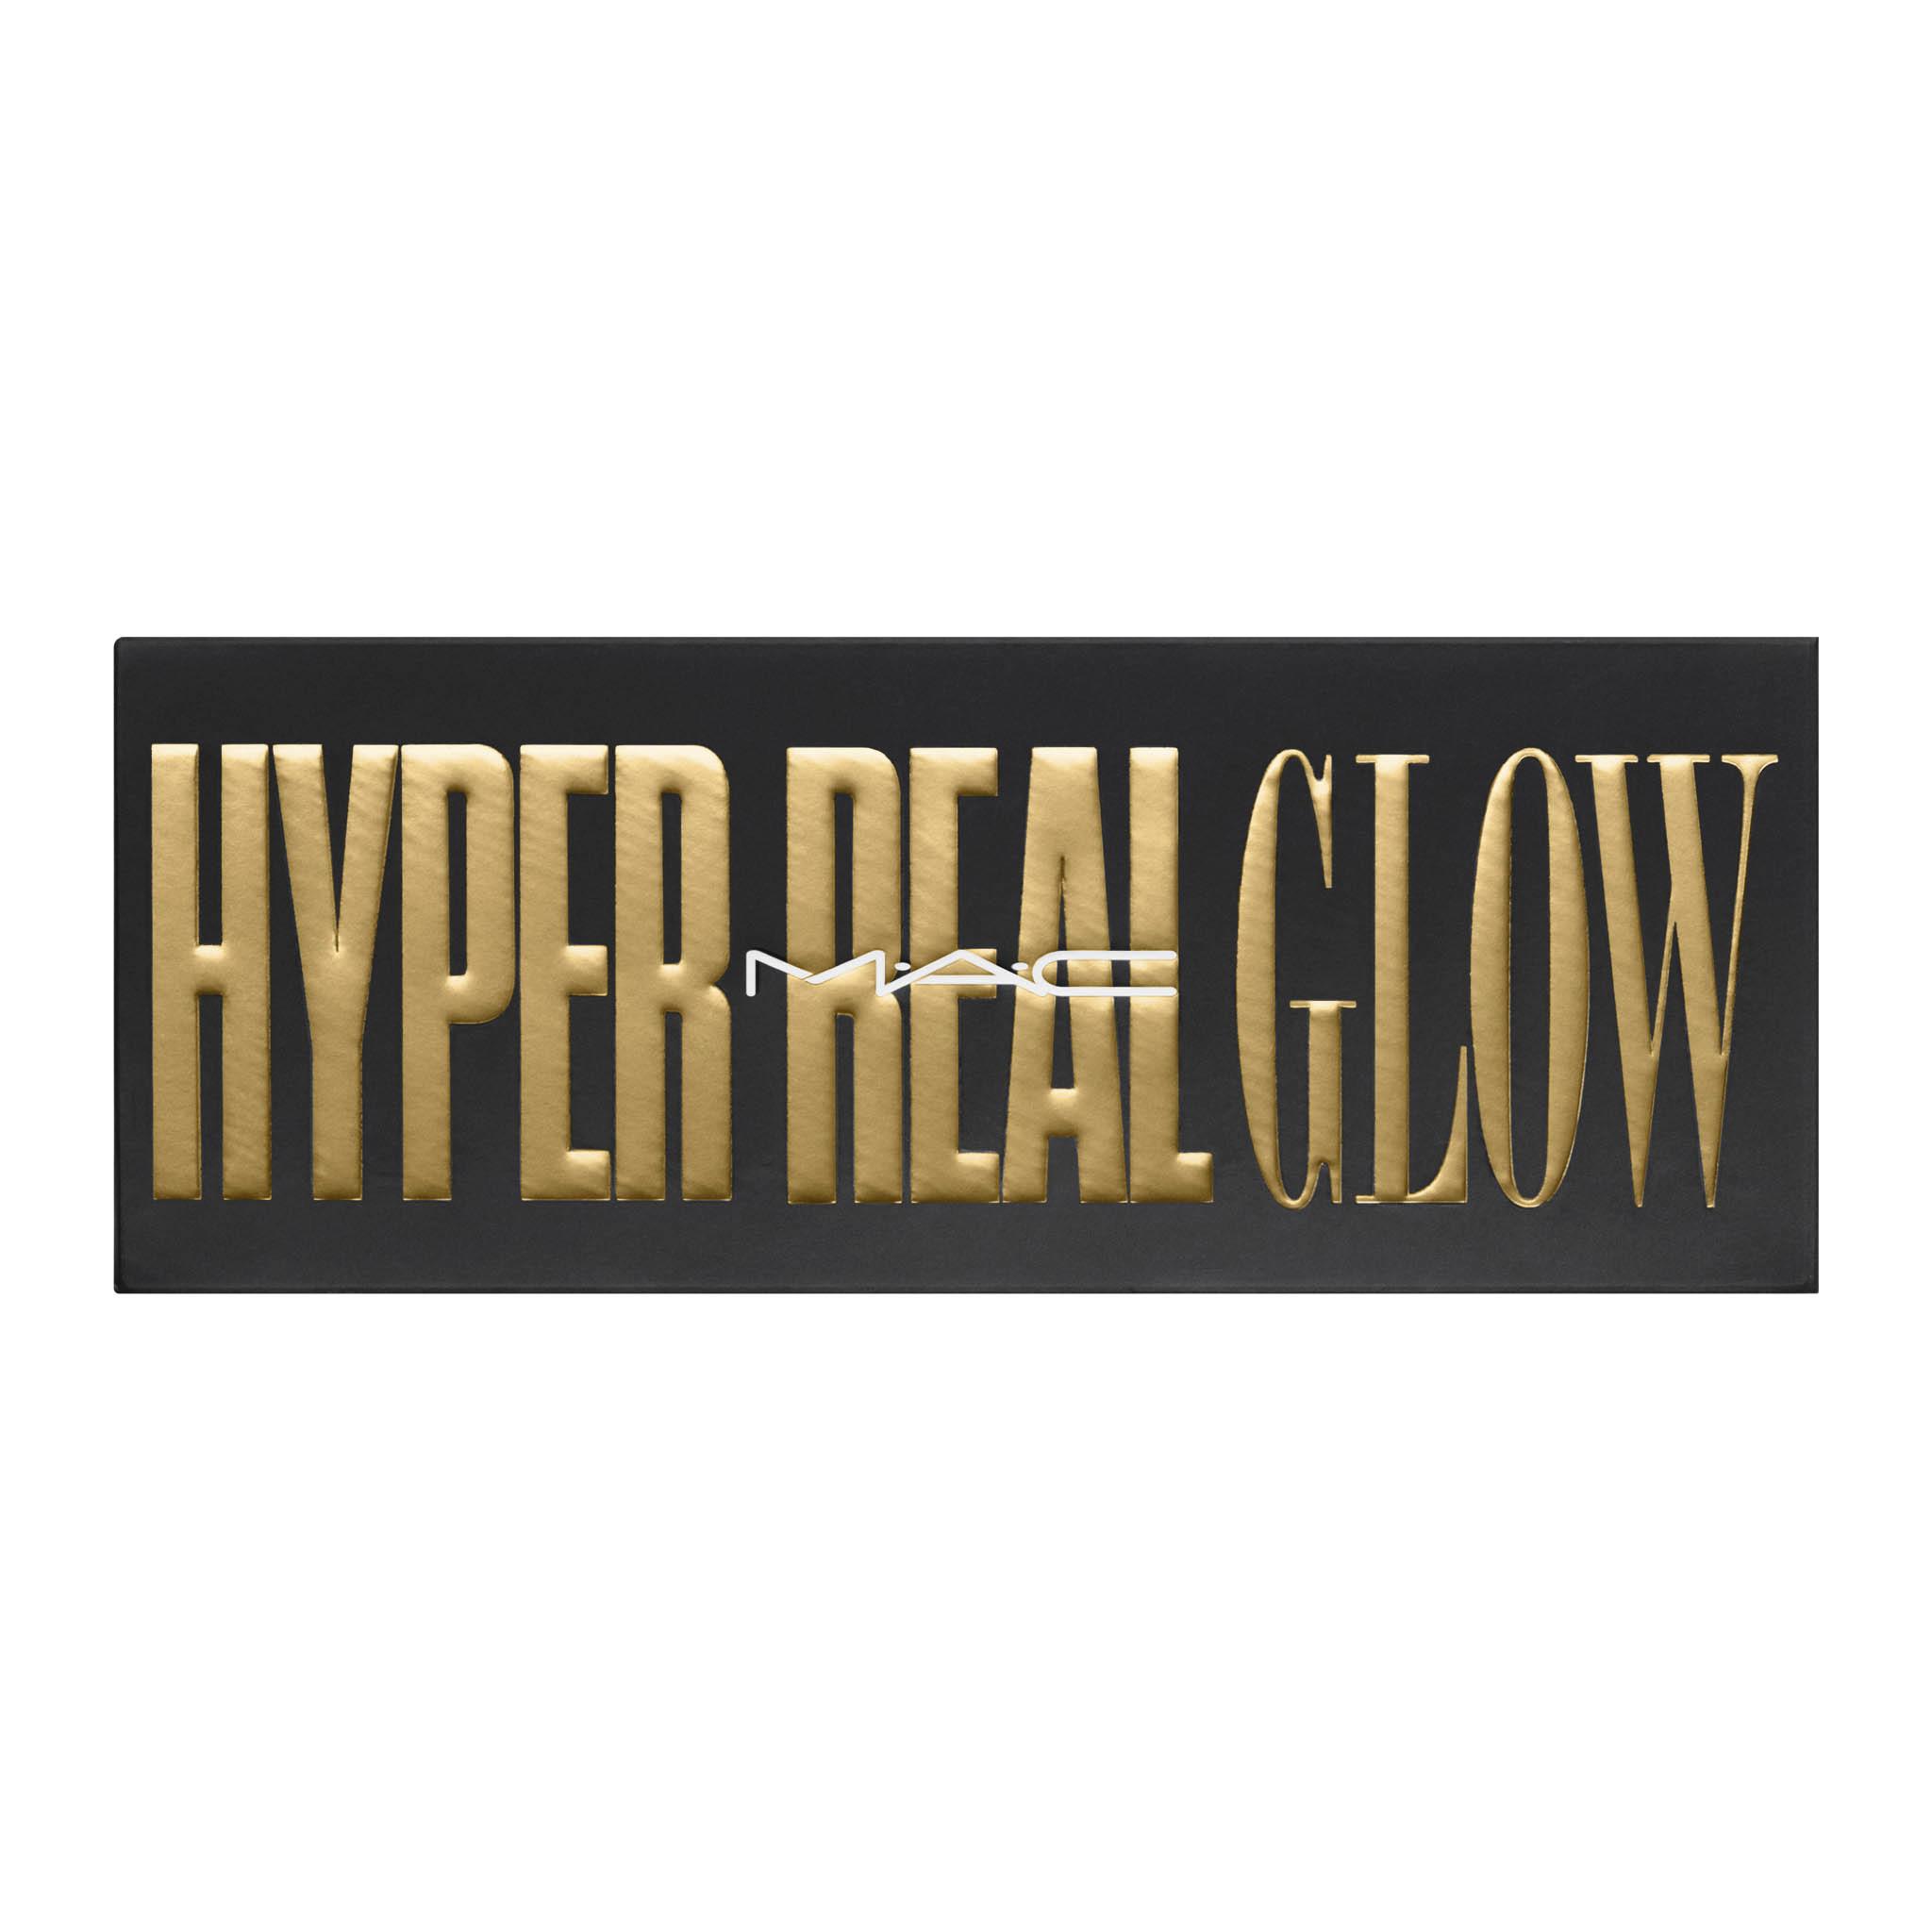 MAC Hyper Real Glow Palette, get it glowin'